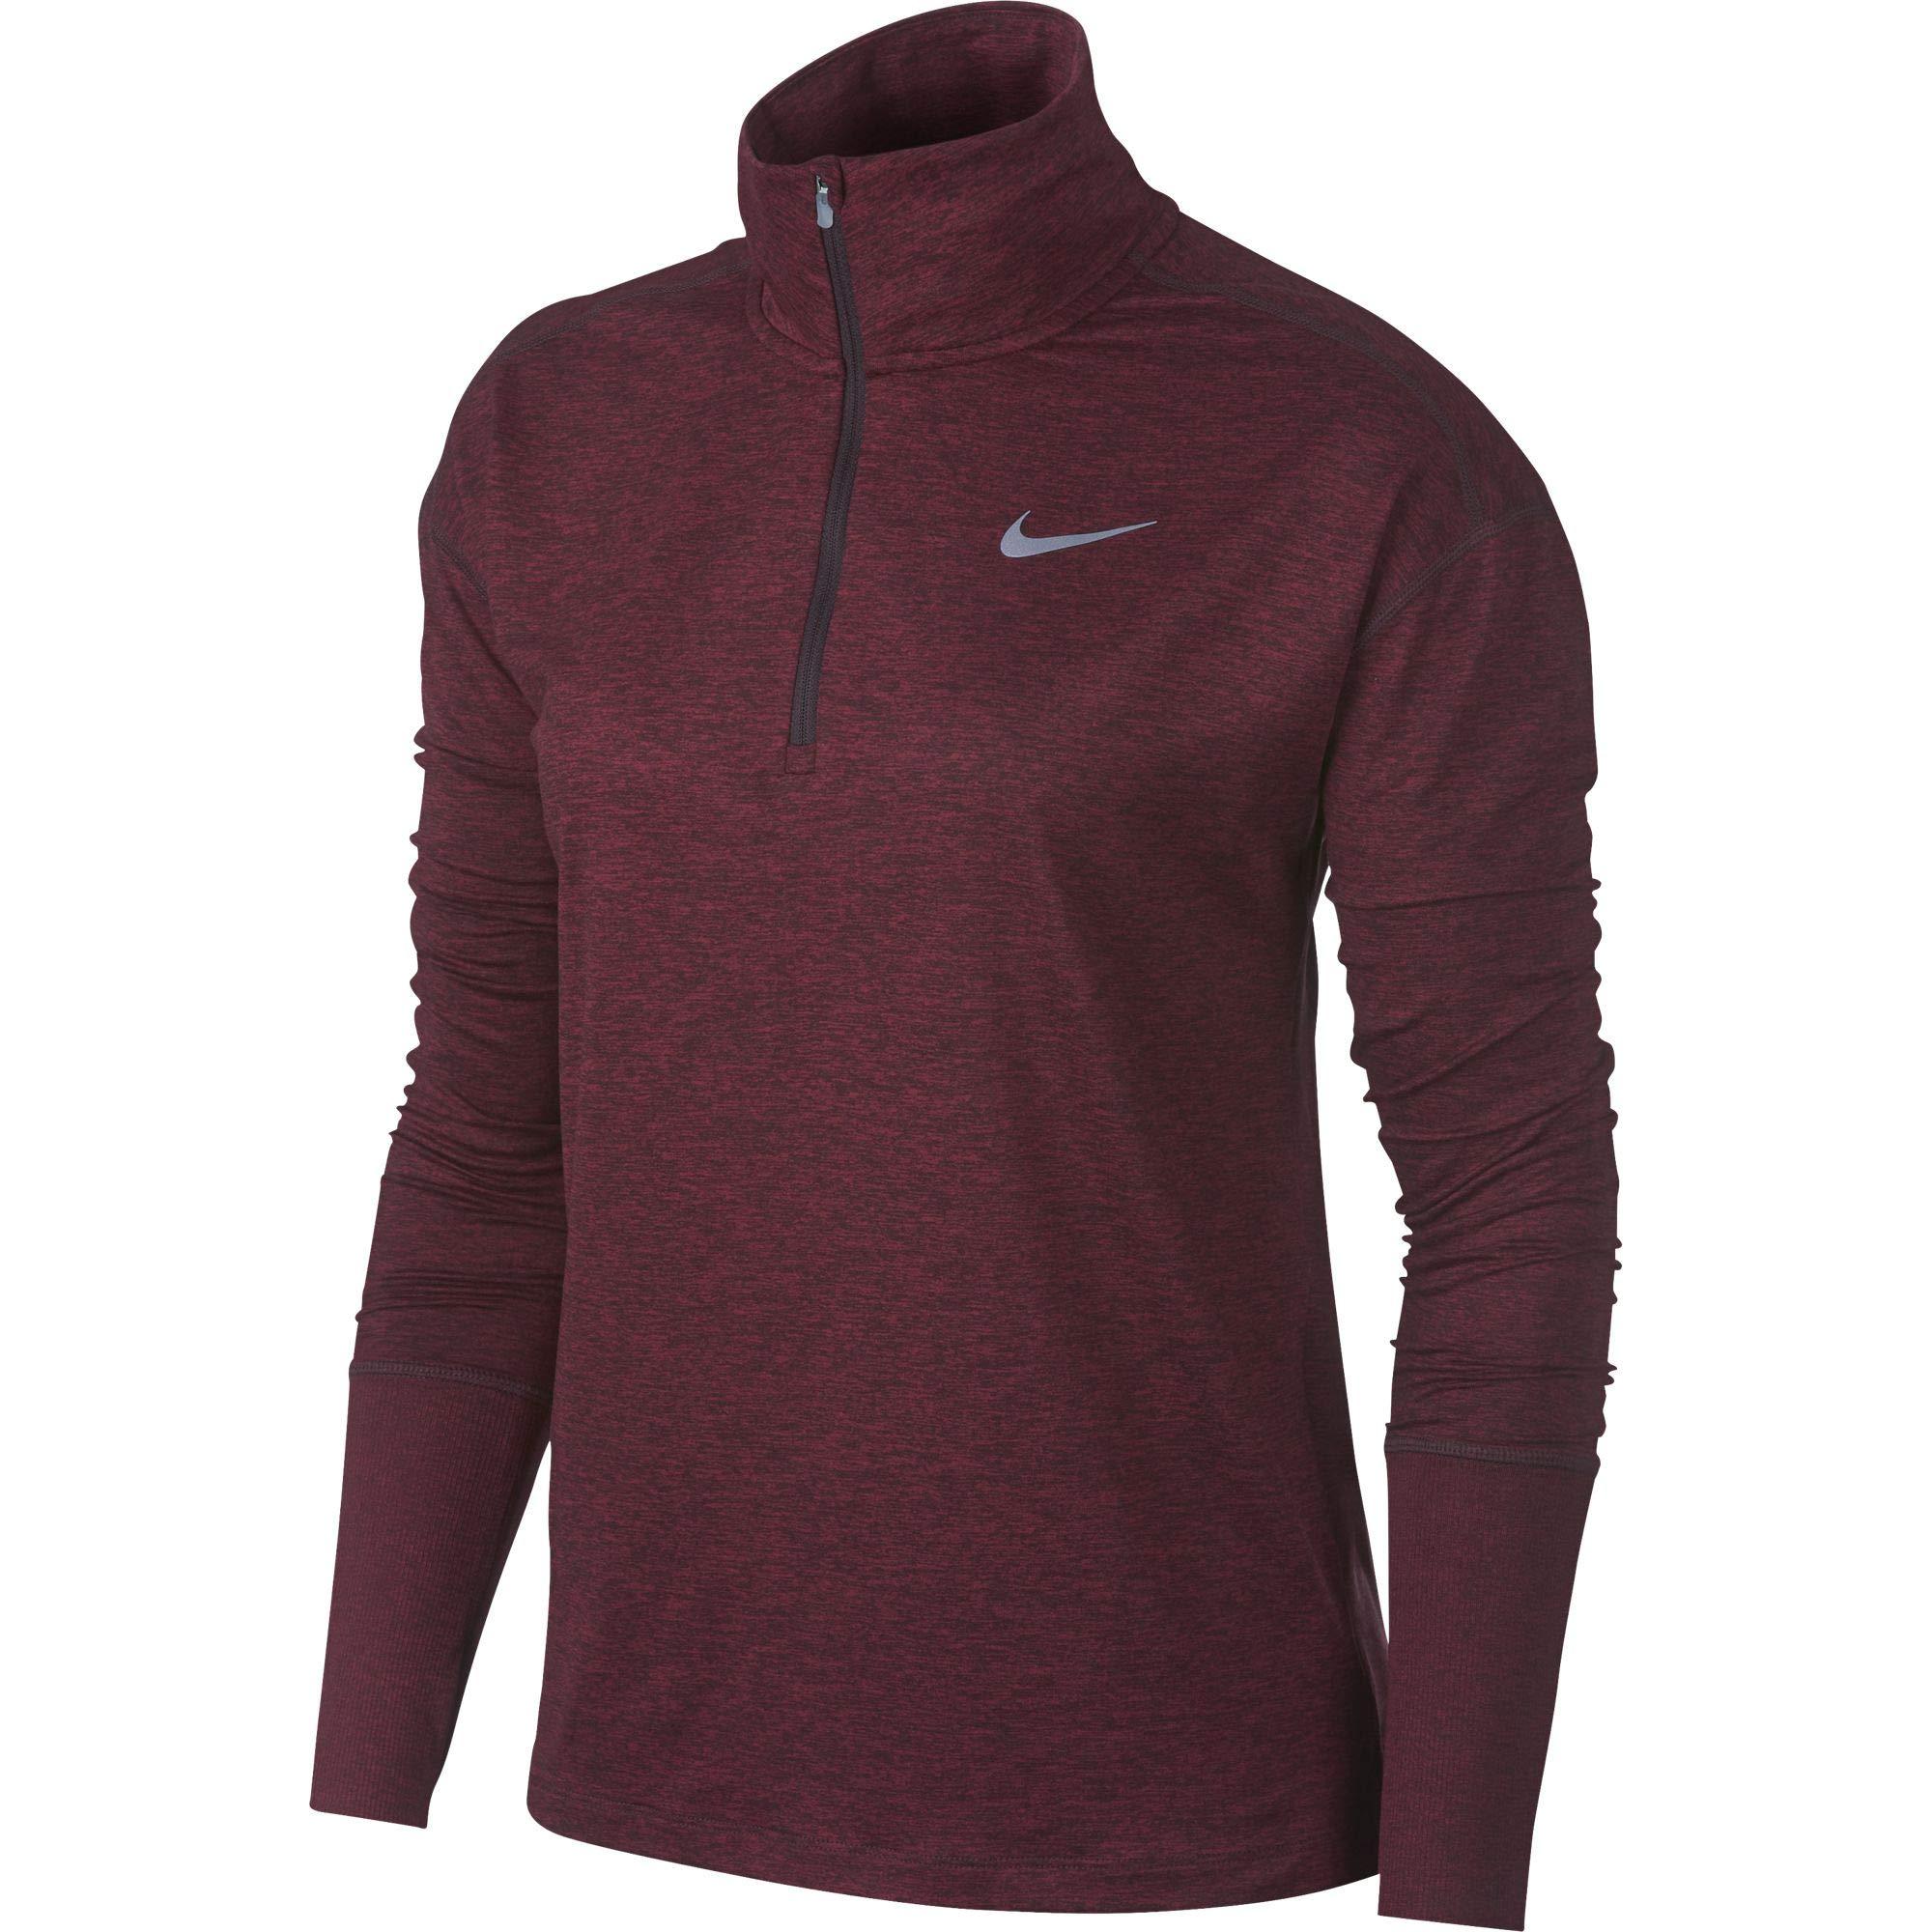 Nike Women's Element 1/2 Zip Running Top Burgundy Crush/Red Crush/Heather Size Small